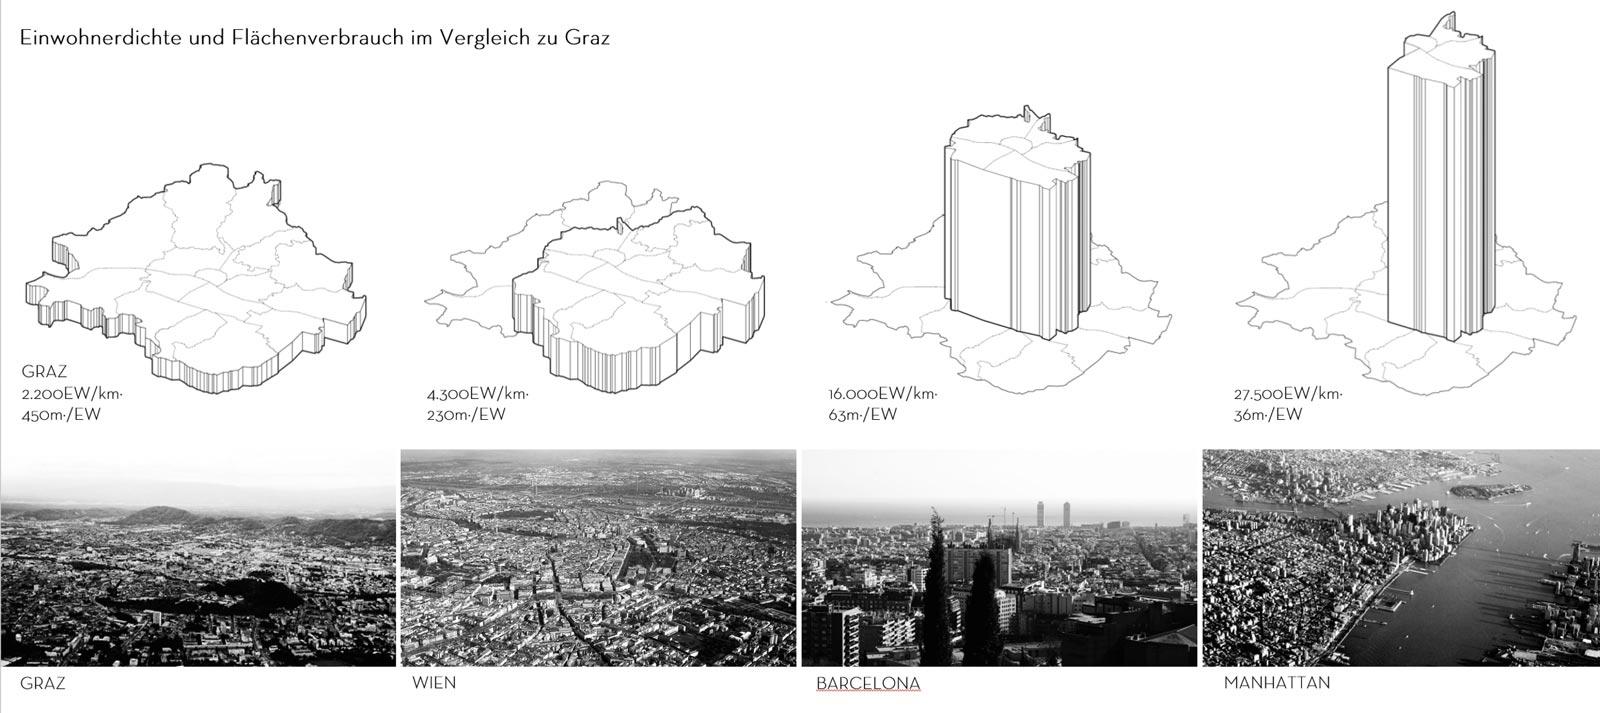 Wien, Barcelona und Manhatten mit ihrer Einwohnerdichte und ihrem Flächenbedarf im Vergleich mit Graz.